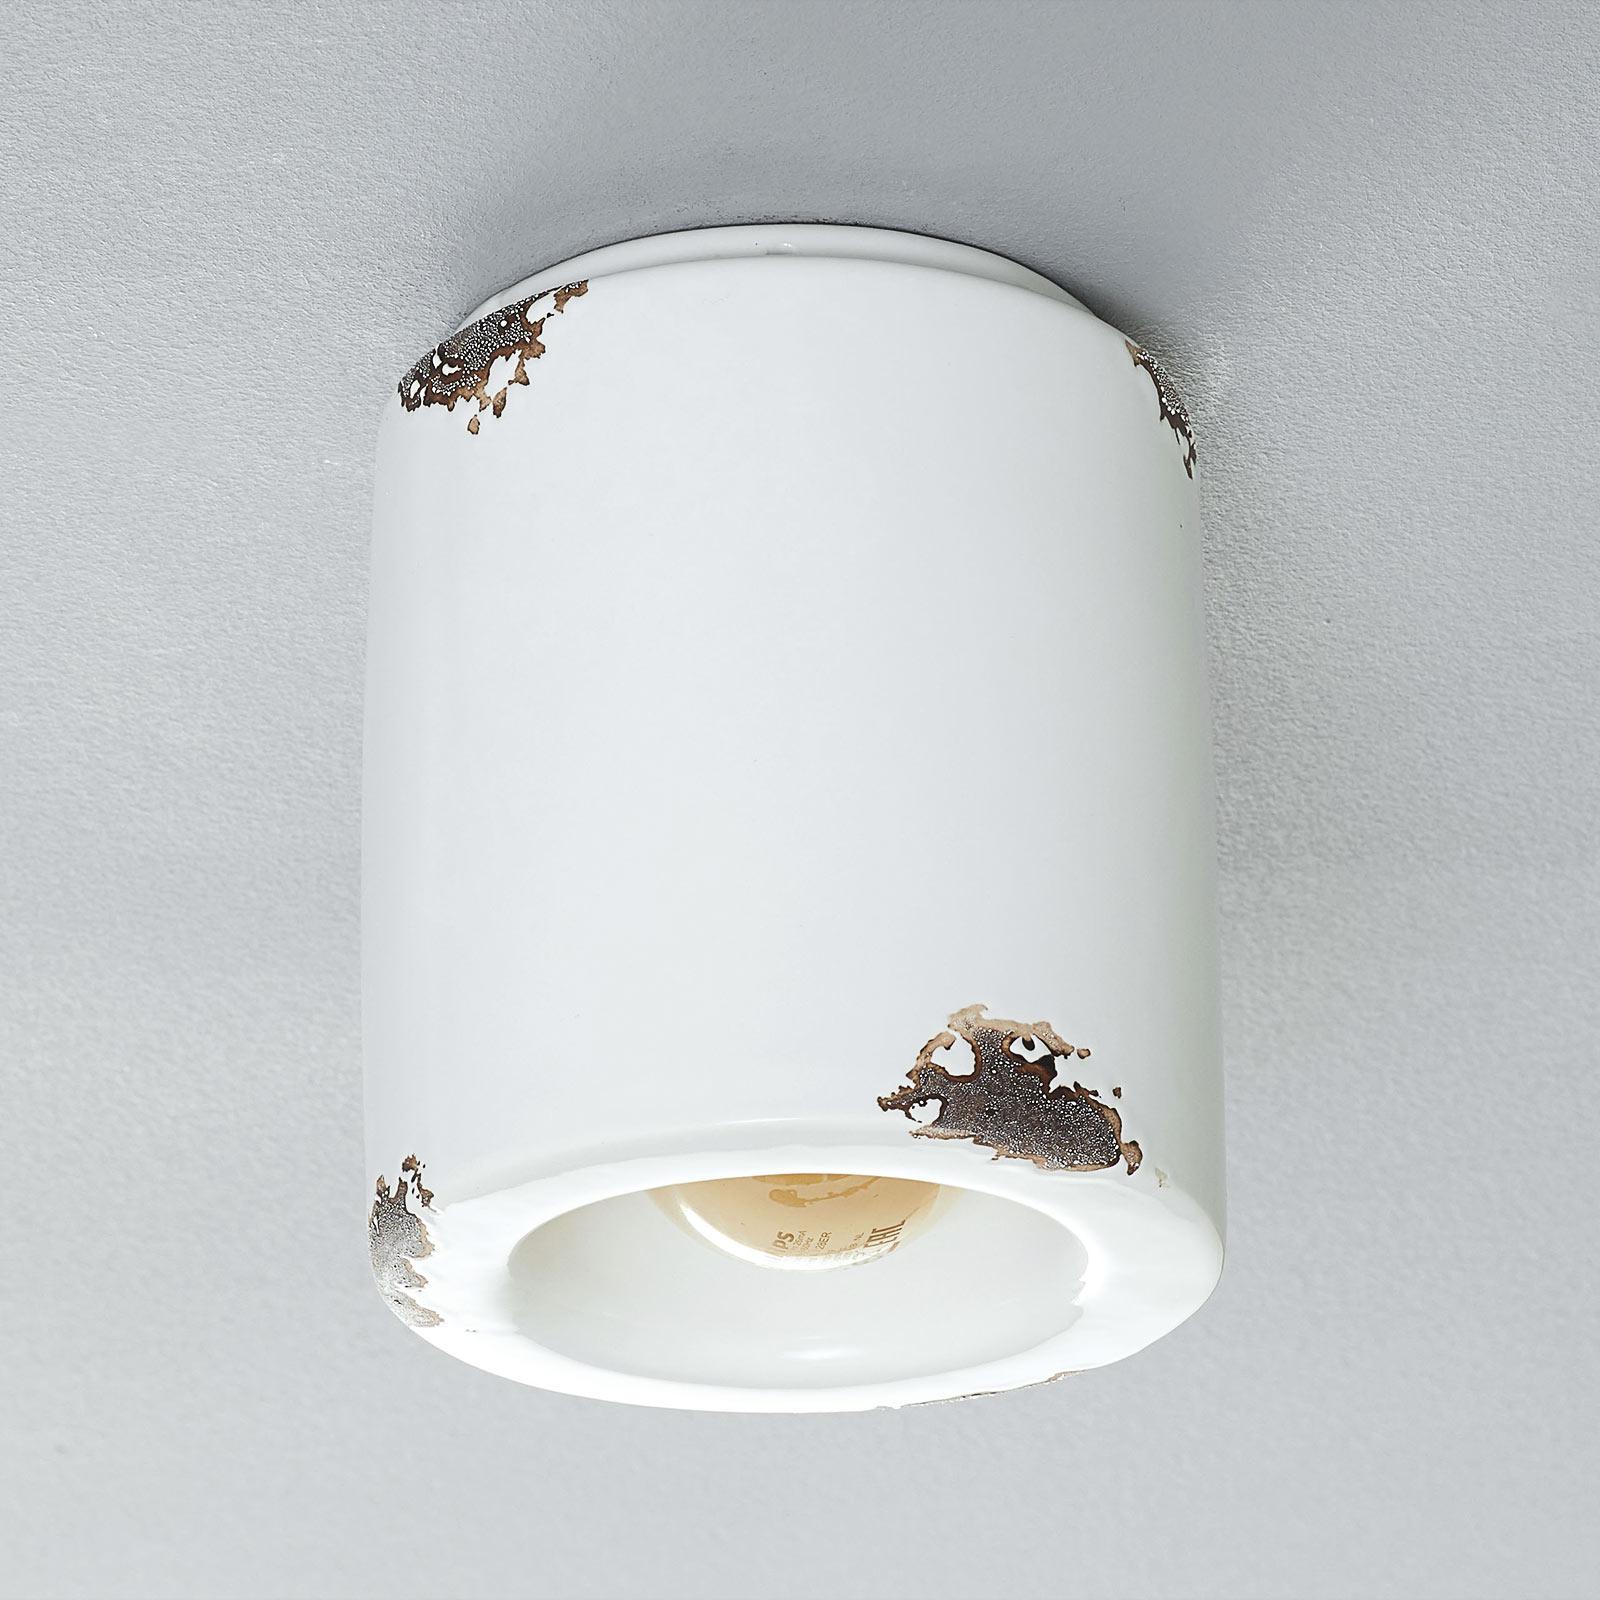 Lampa sufitowa C986 w stylu vintage, biała